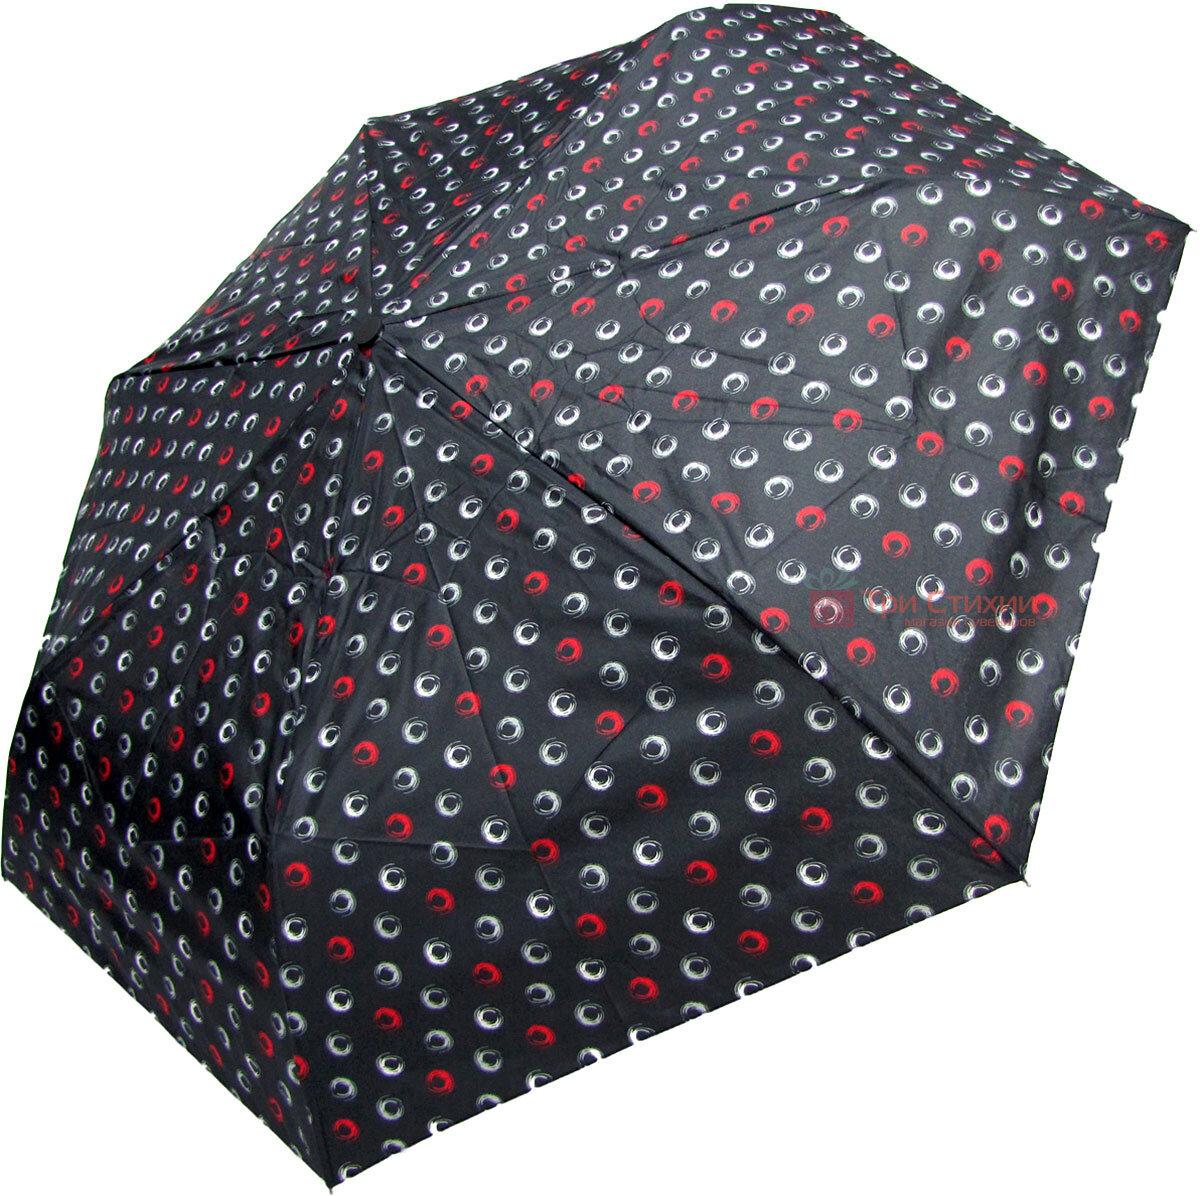 Зонт складной Derby 744165PHL-2 полный автомат Черный круги, Цвет: Черный, фото